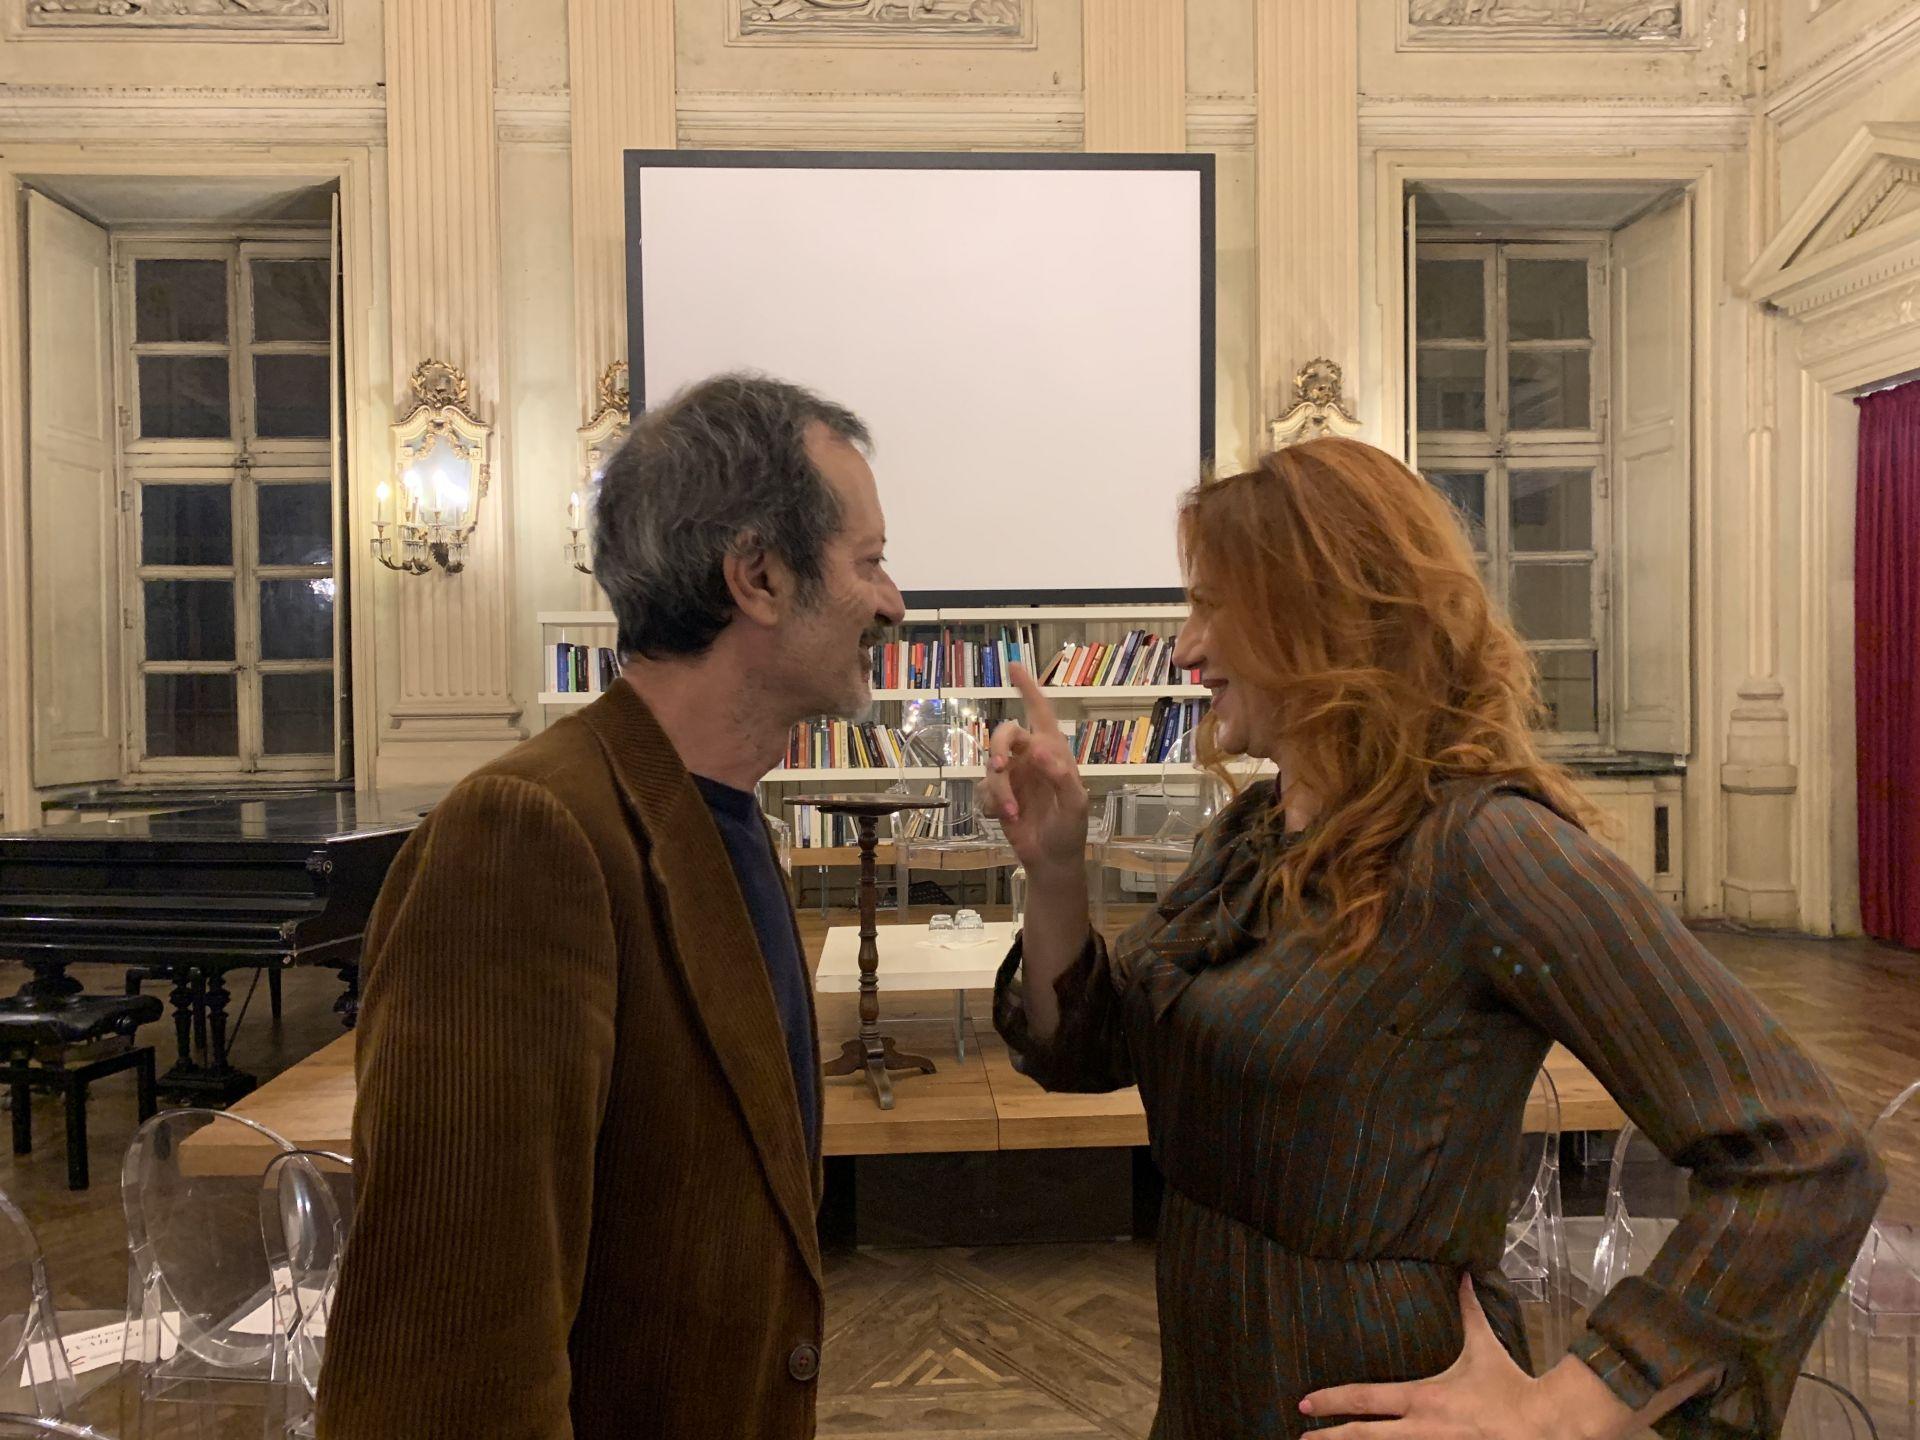 Ieri al Circolo dei Lettori di Torino per la prima presentazione di EINSTEIN FOREVER, con me Rocco Papaleo, una serata memorabile…